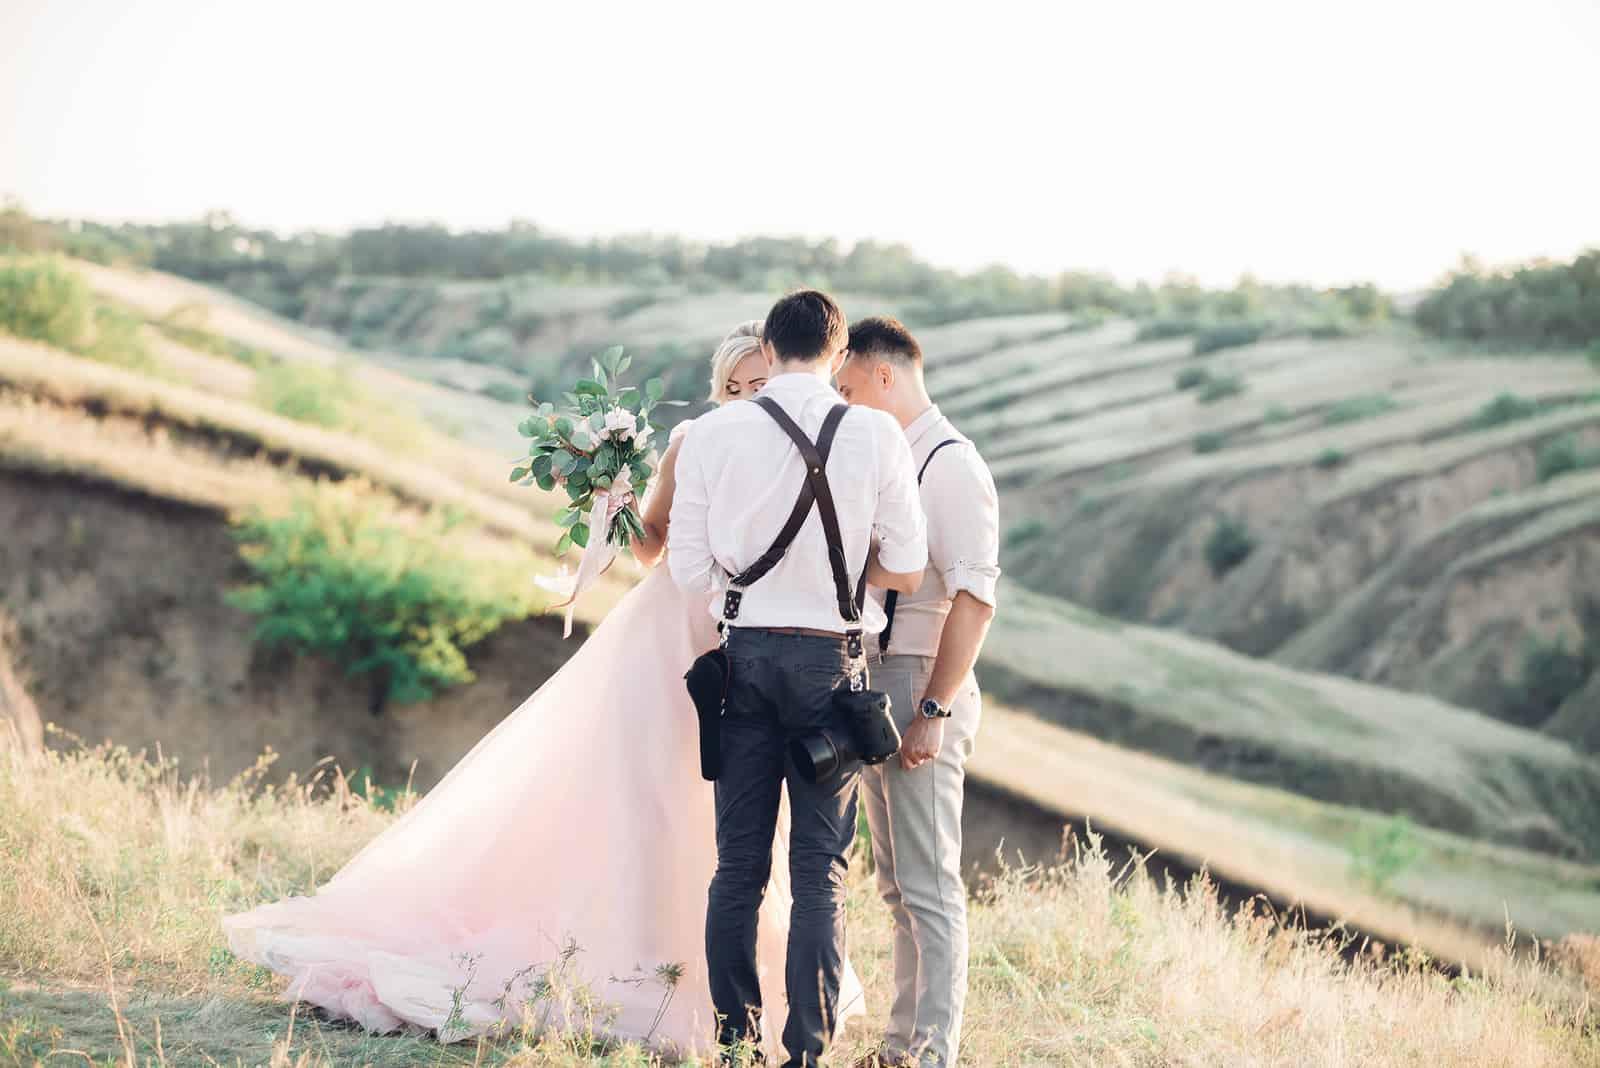 Hochzeitsfotograf fotografiert Braut und Bräutigam in der Natur (1)